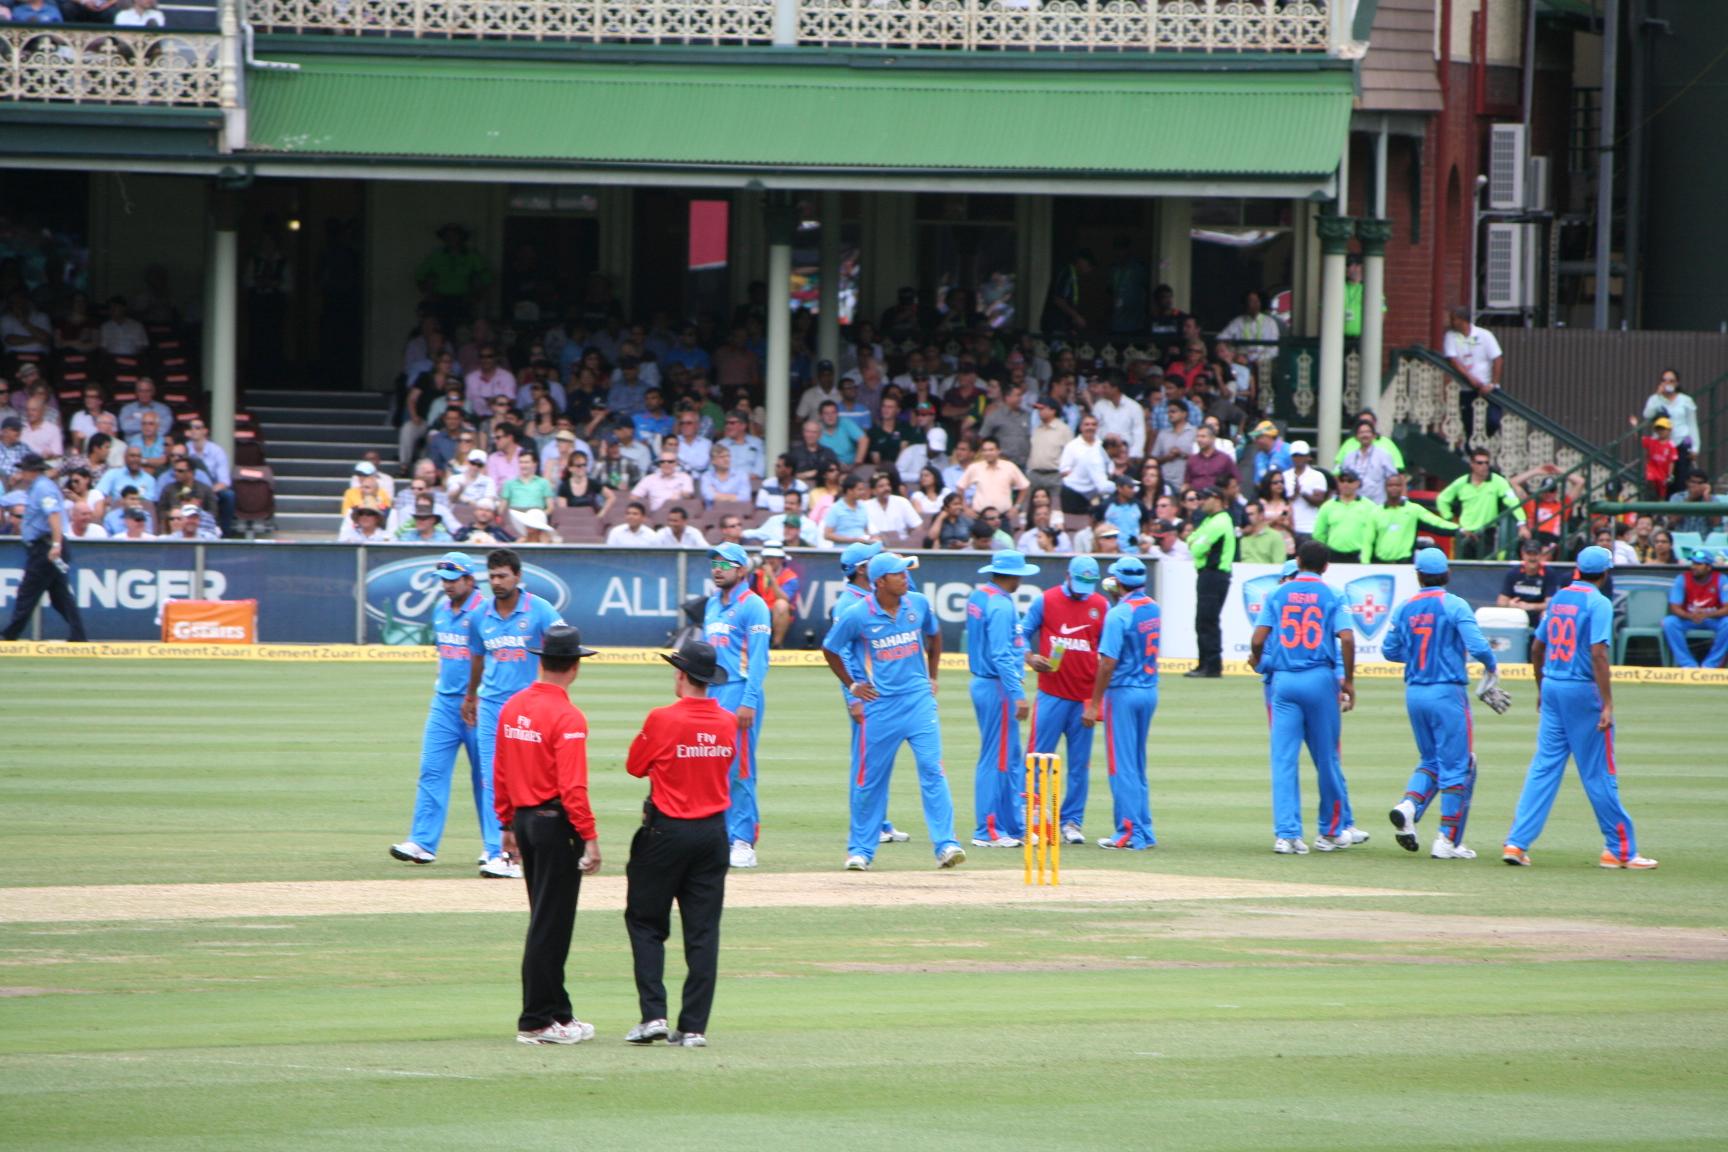 इन्दोर में ये रिकॉर्ड बनाने से चुकी टीम india highest score in t20 cricket by a team